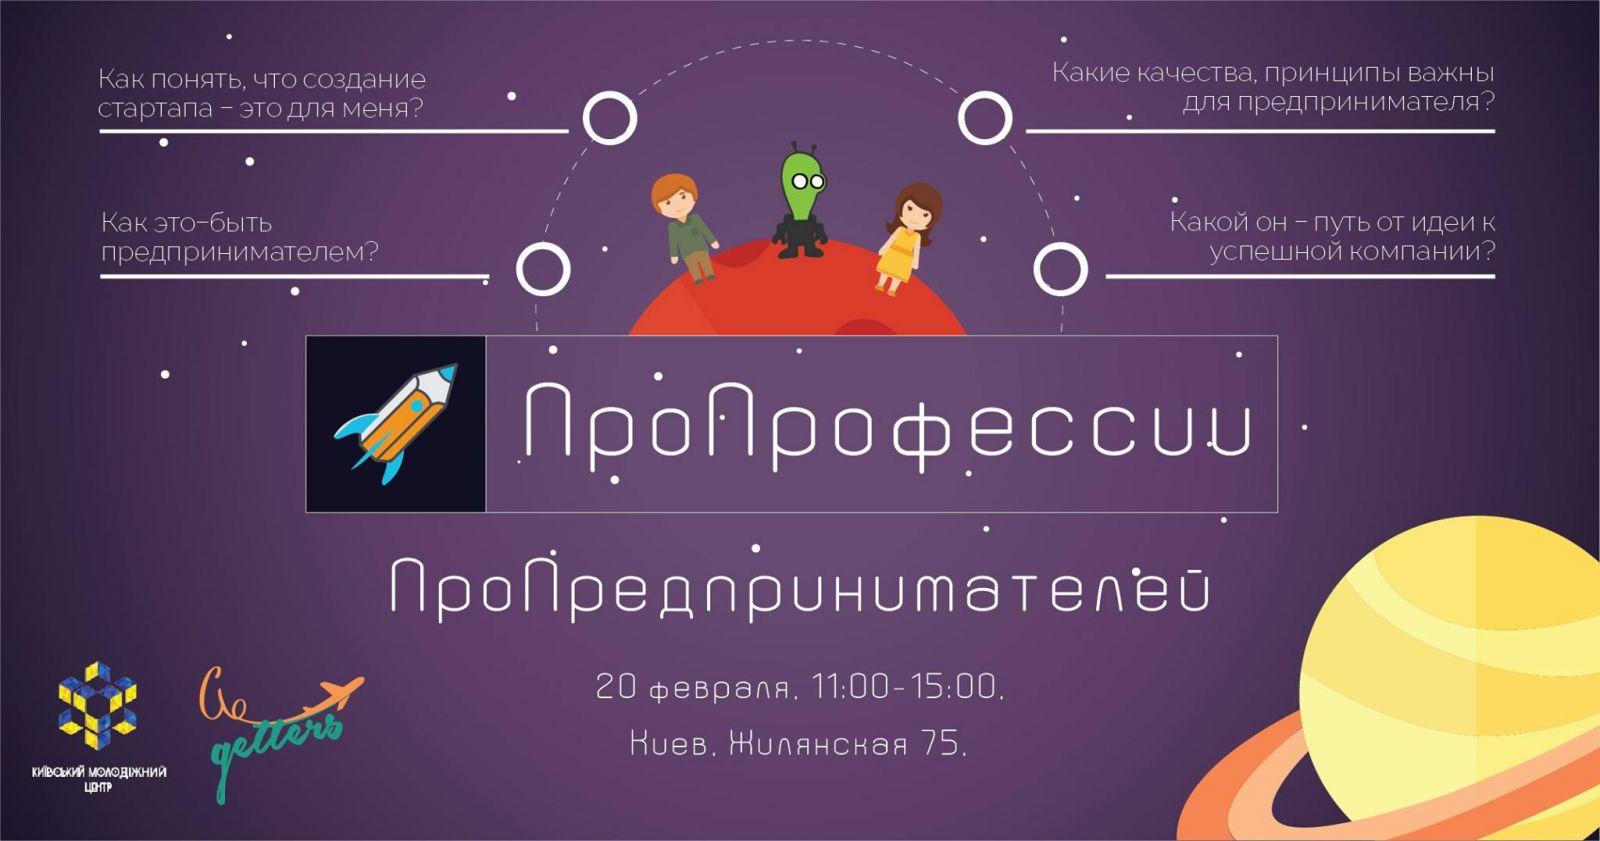 Афиша мероприятий на 20-21 февраля встреча с экспертами «ПроПредпринимателей»